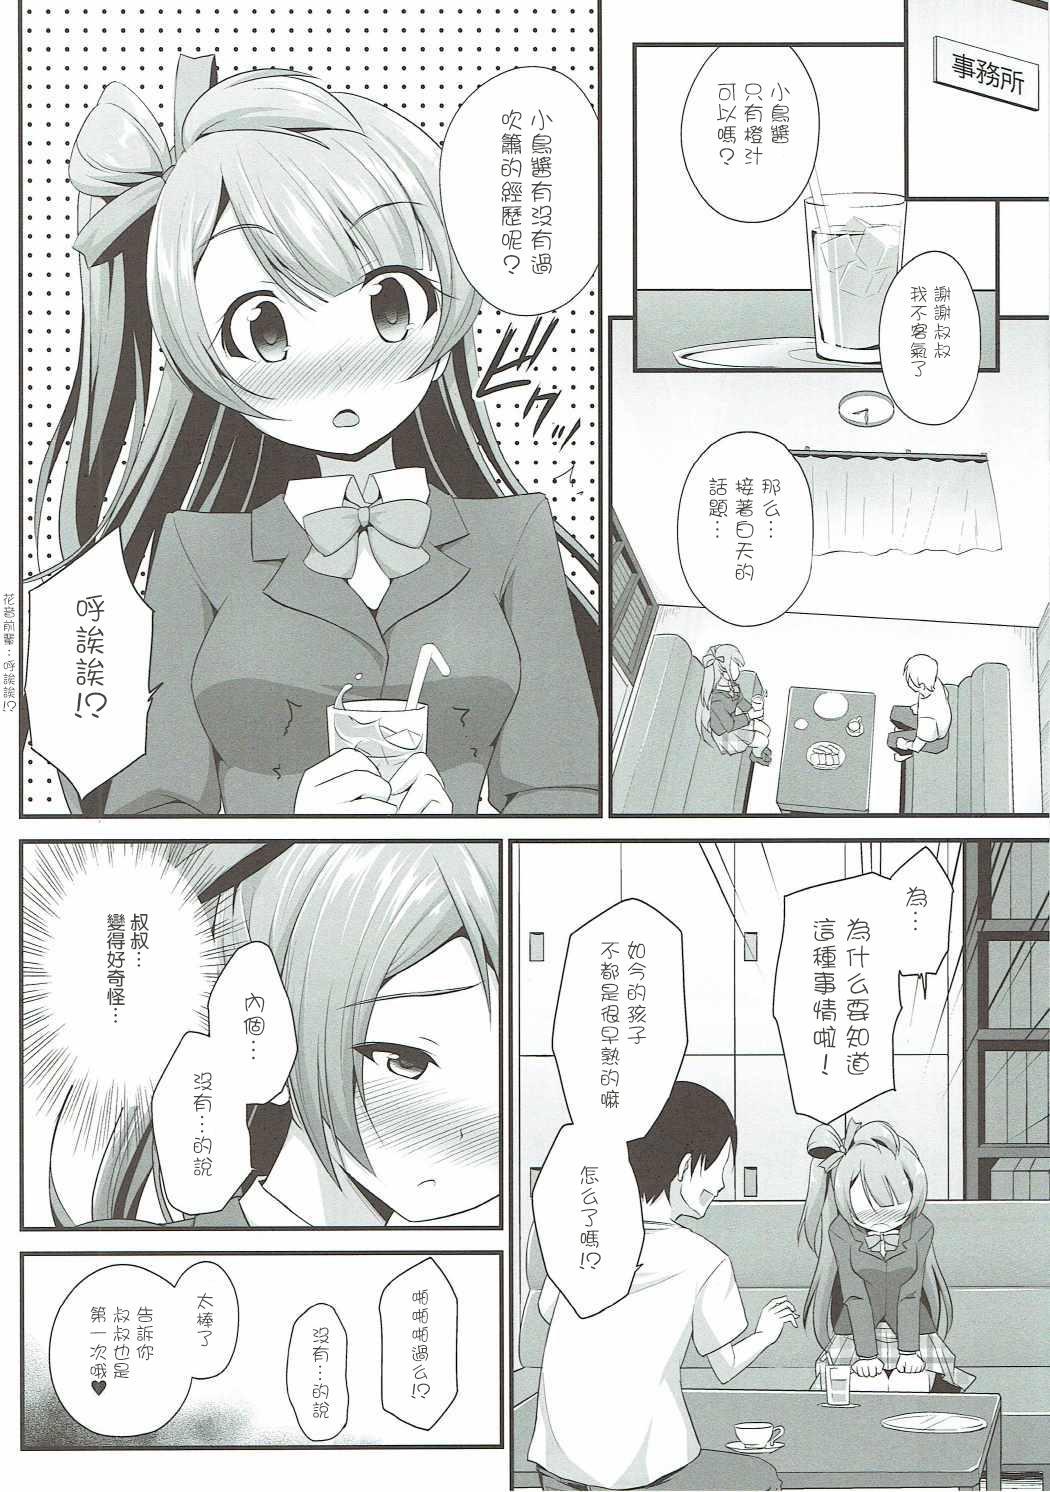 Ojisan no Onegai o Kotowarenai Kotori-chan 5